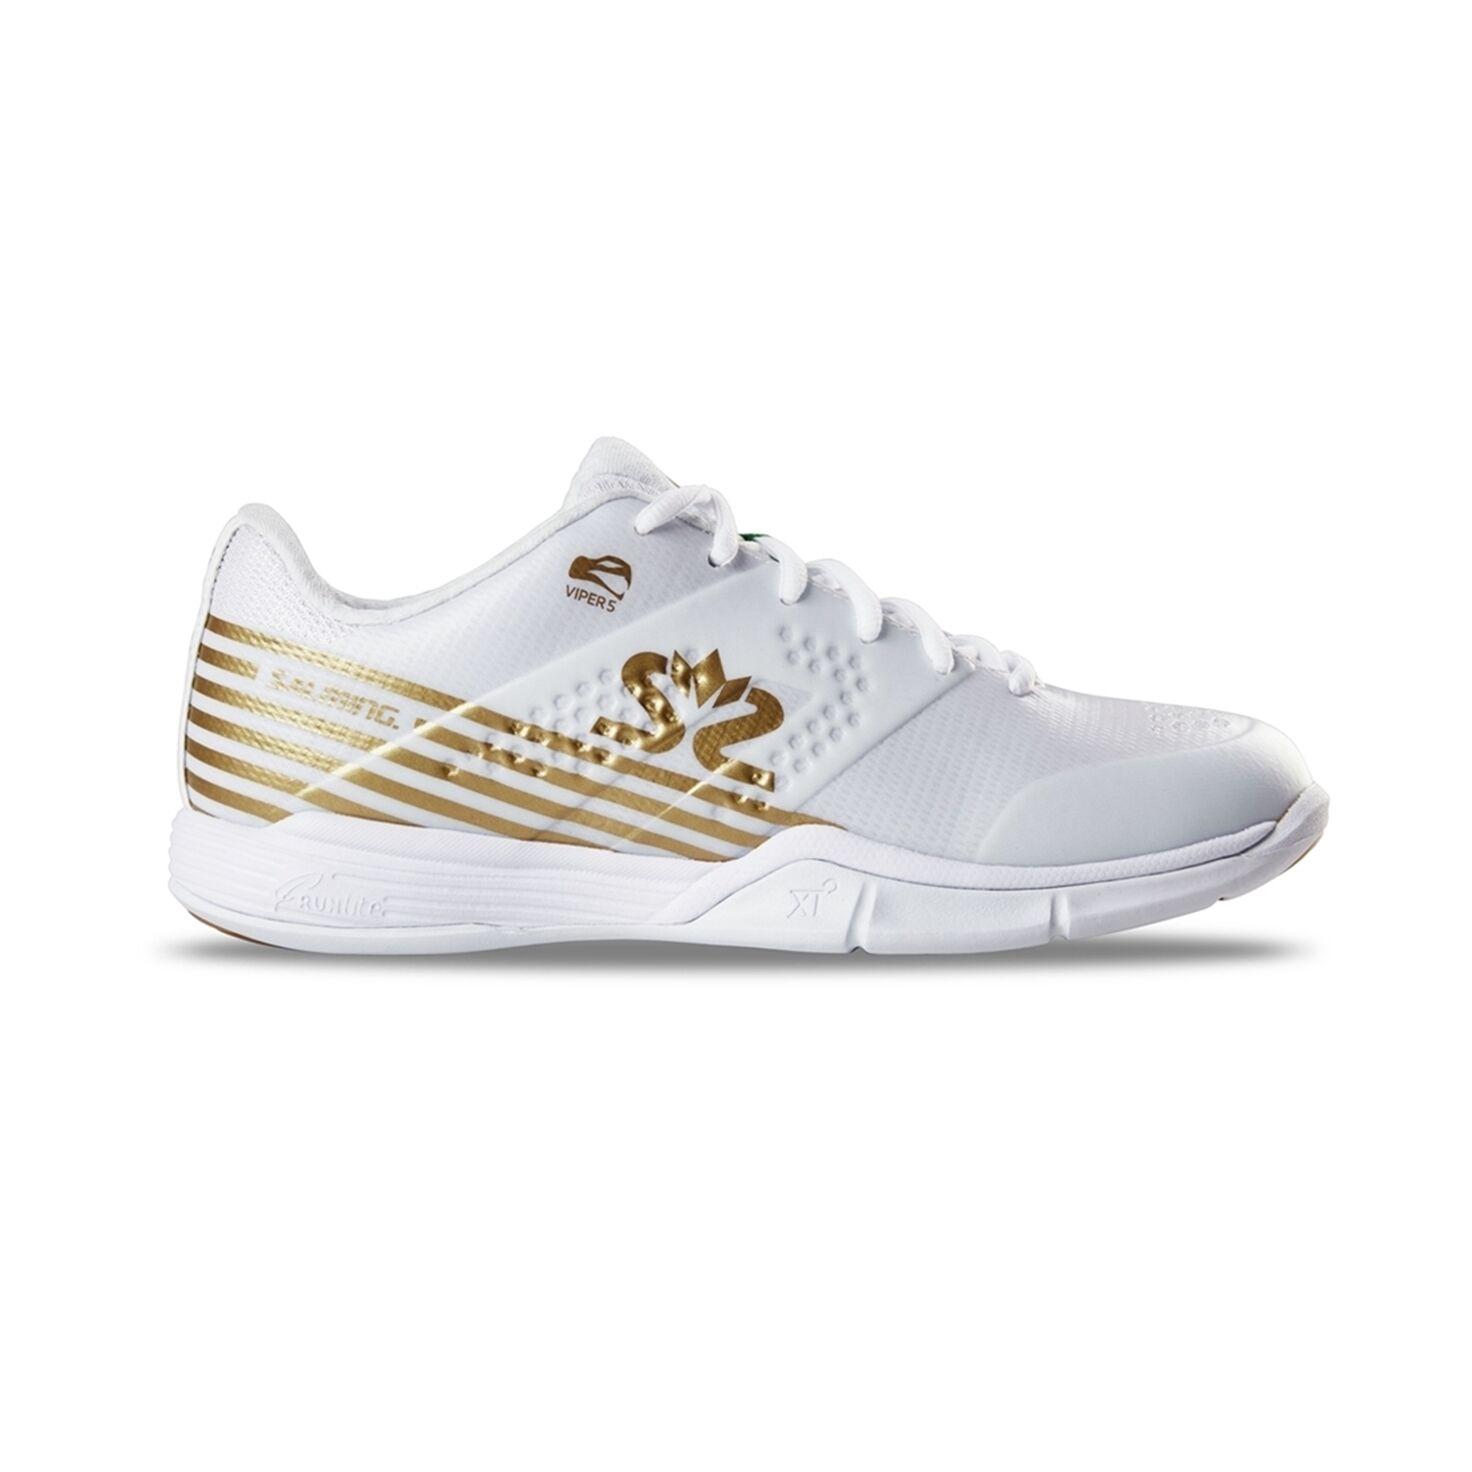 Salming Viper 5 Women White/Gold 40